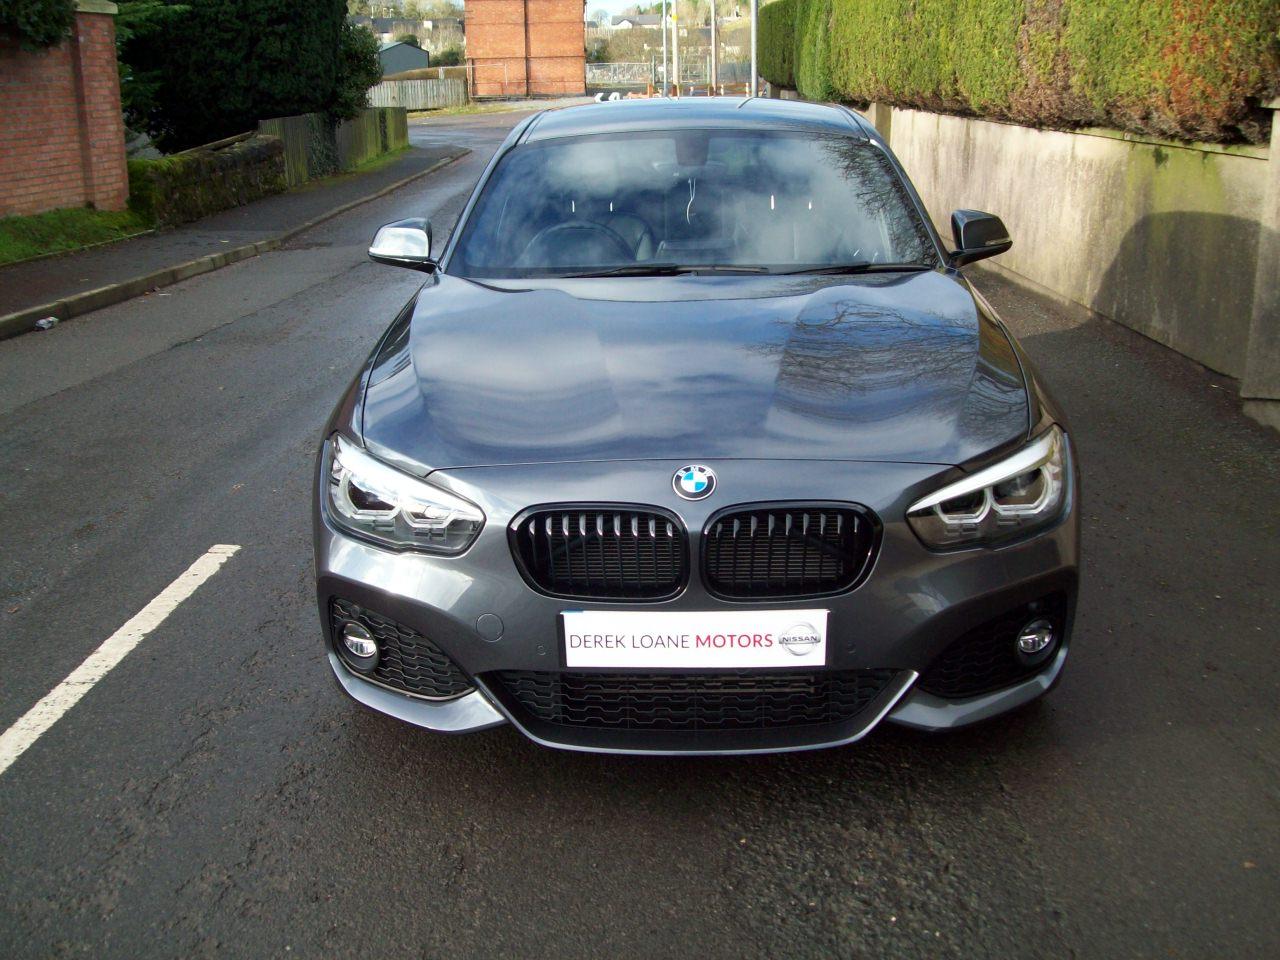 2018 BMW 1 Series Diesel Manual – Derek Loane Motors full